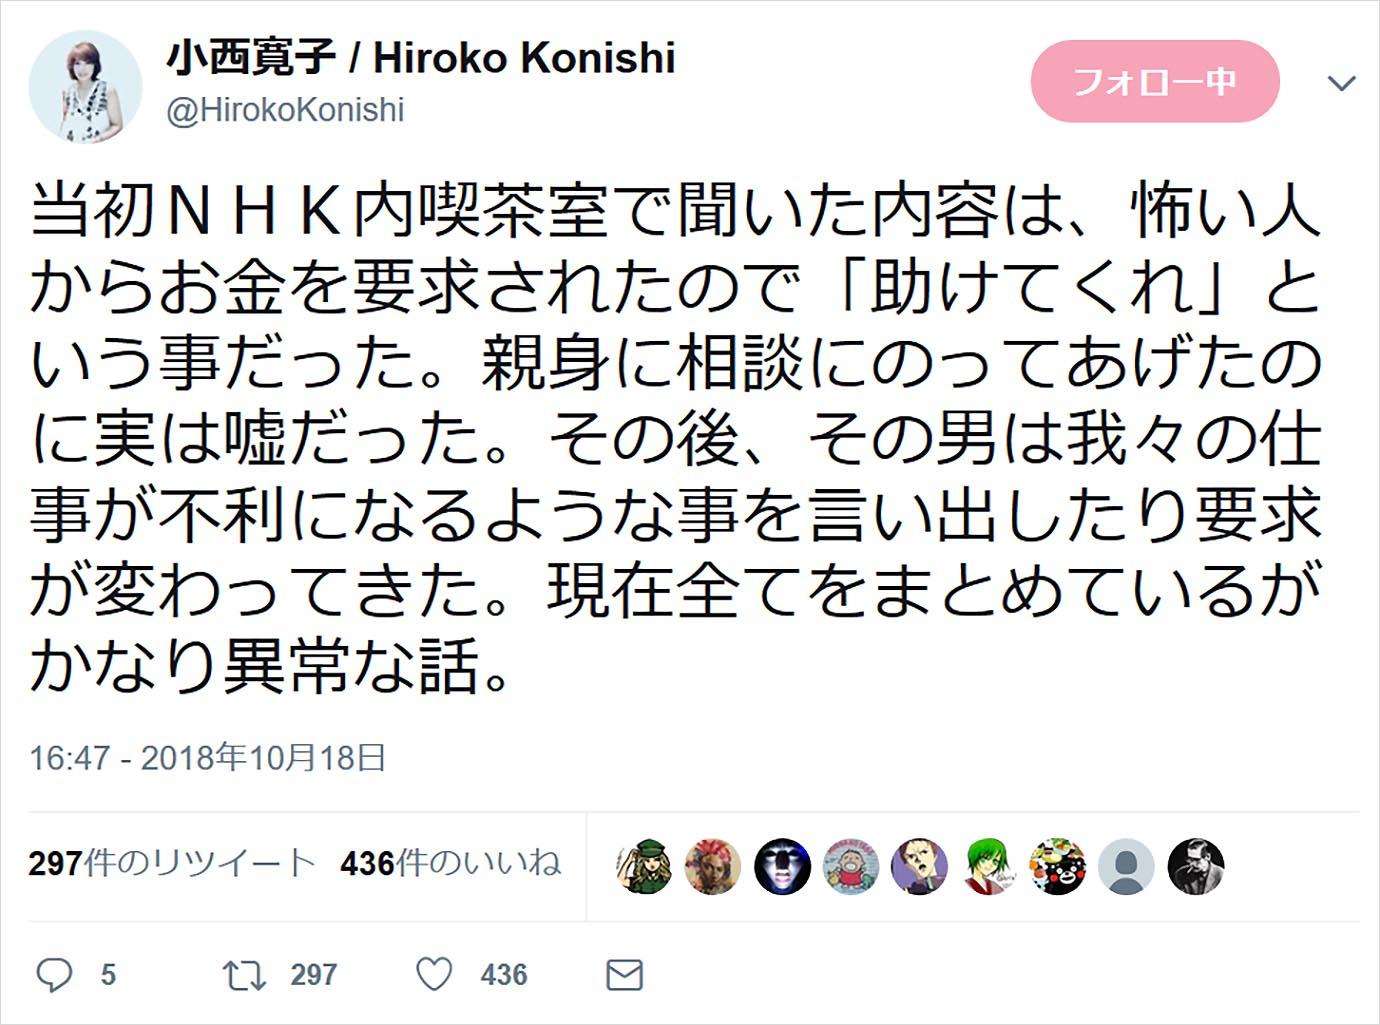 konishi-hiroko-news